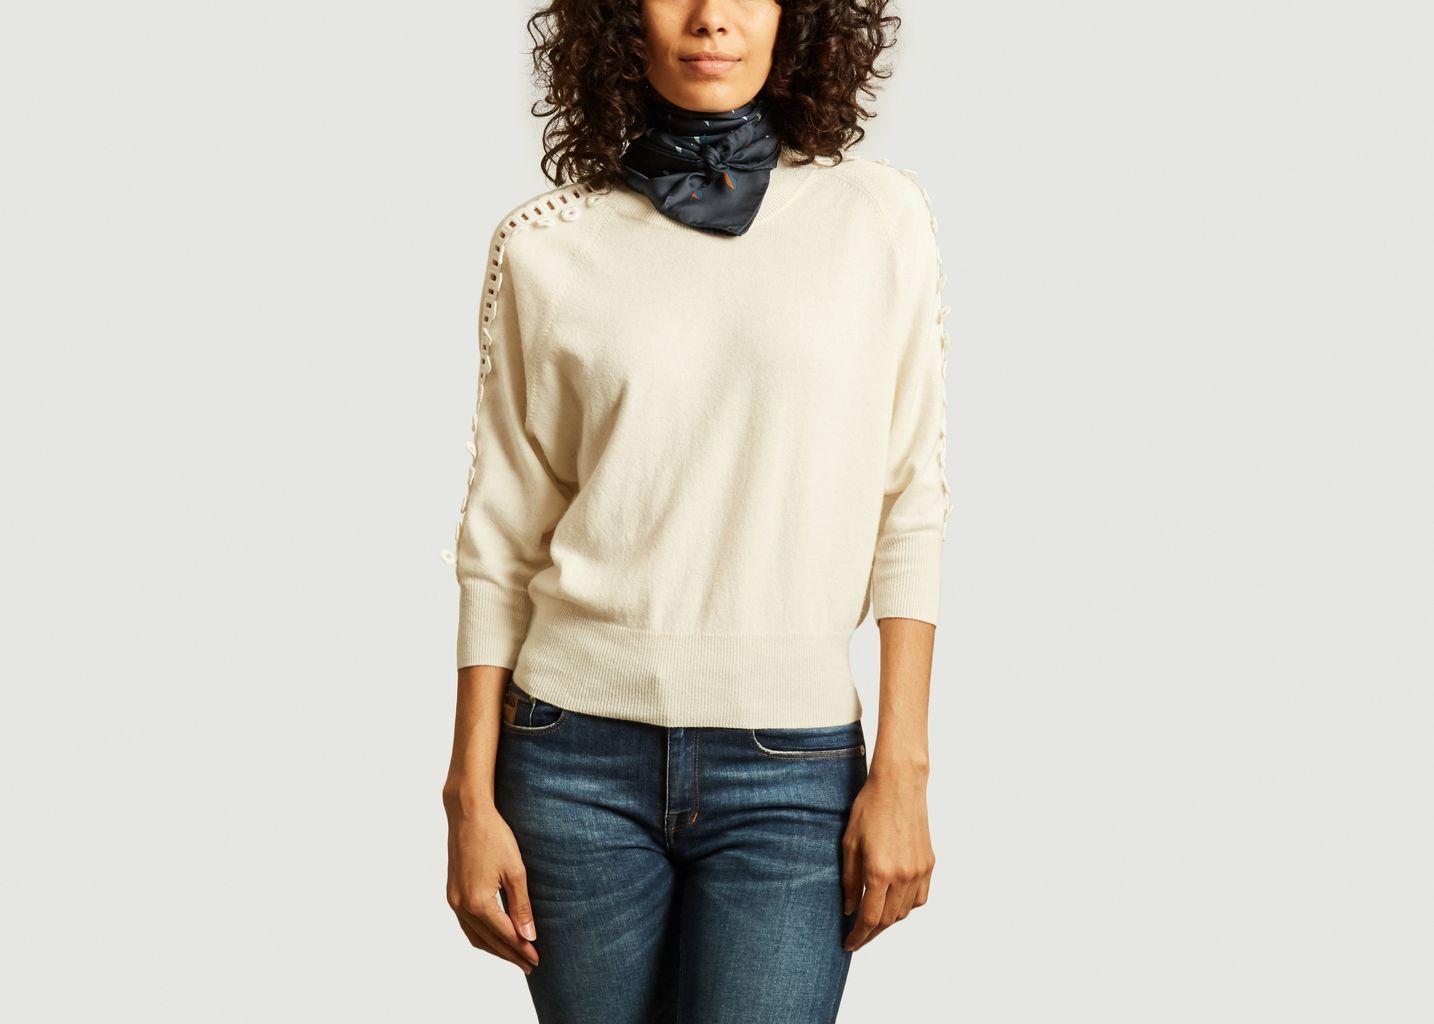 Foulard carré en soie motif bouches N°435 - Moismont